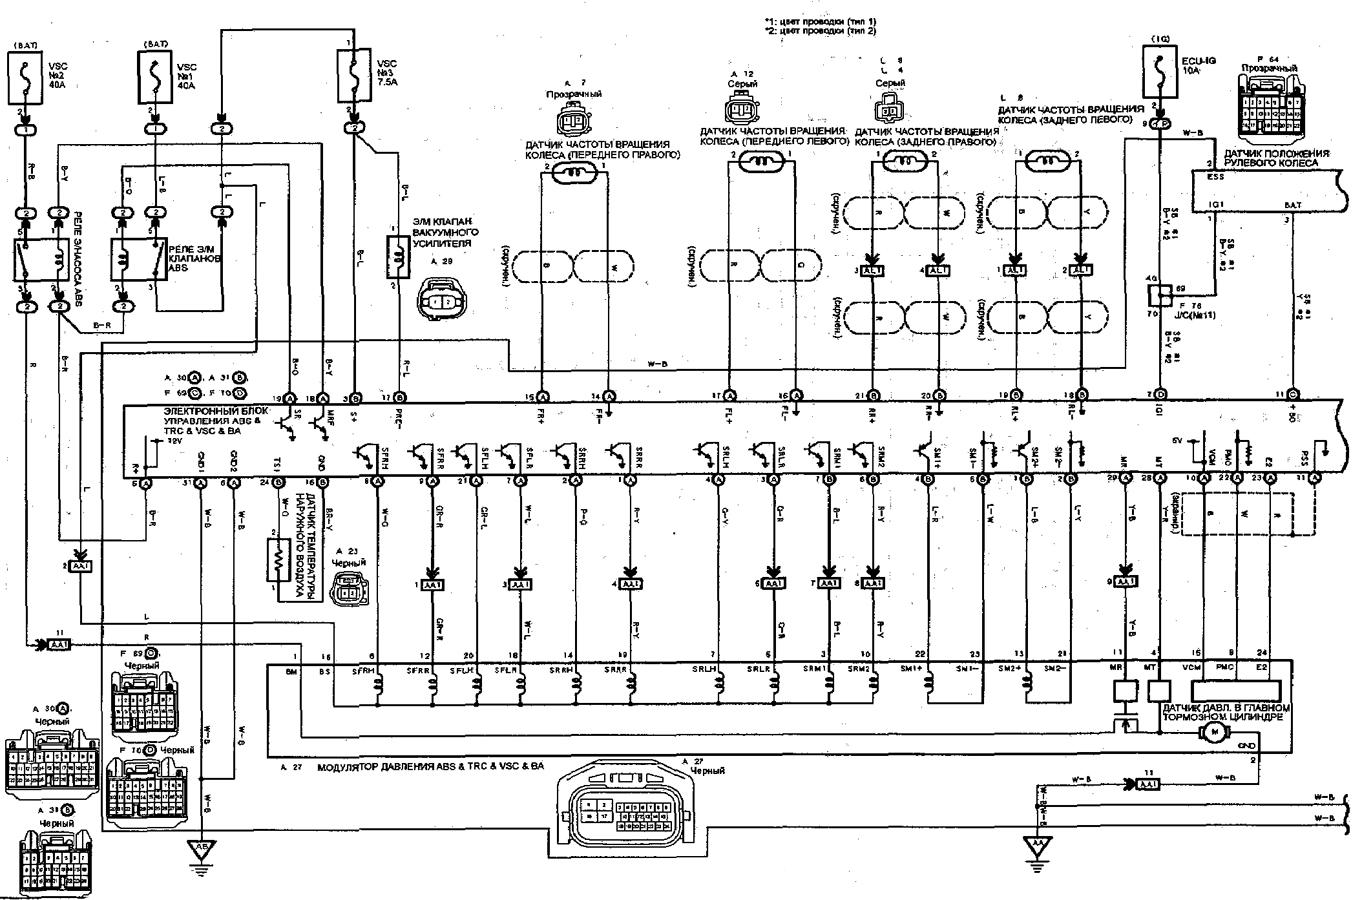 Схема Система курсовой устойчивости часть tech doc  Схема 23 1 Система курсовой устойчивости часть 1